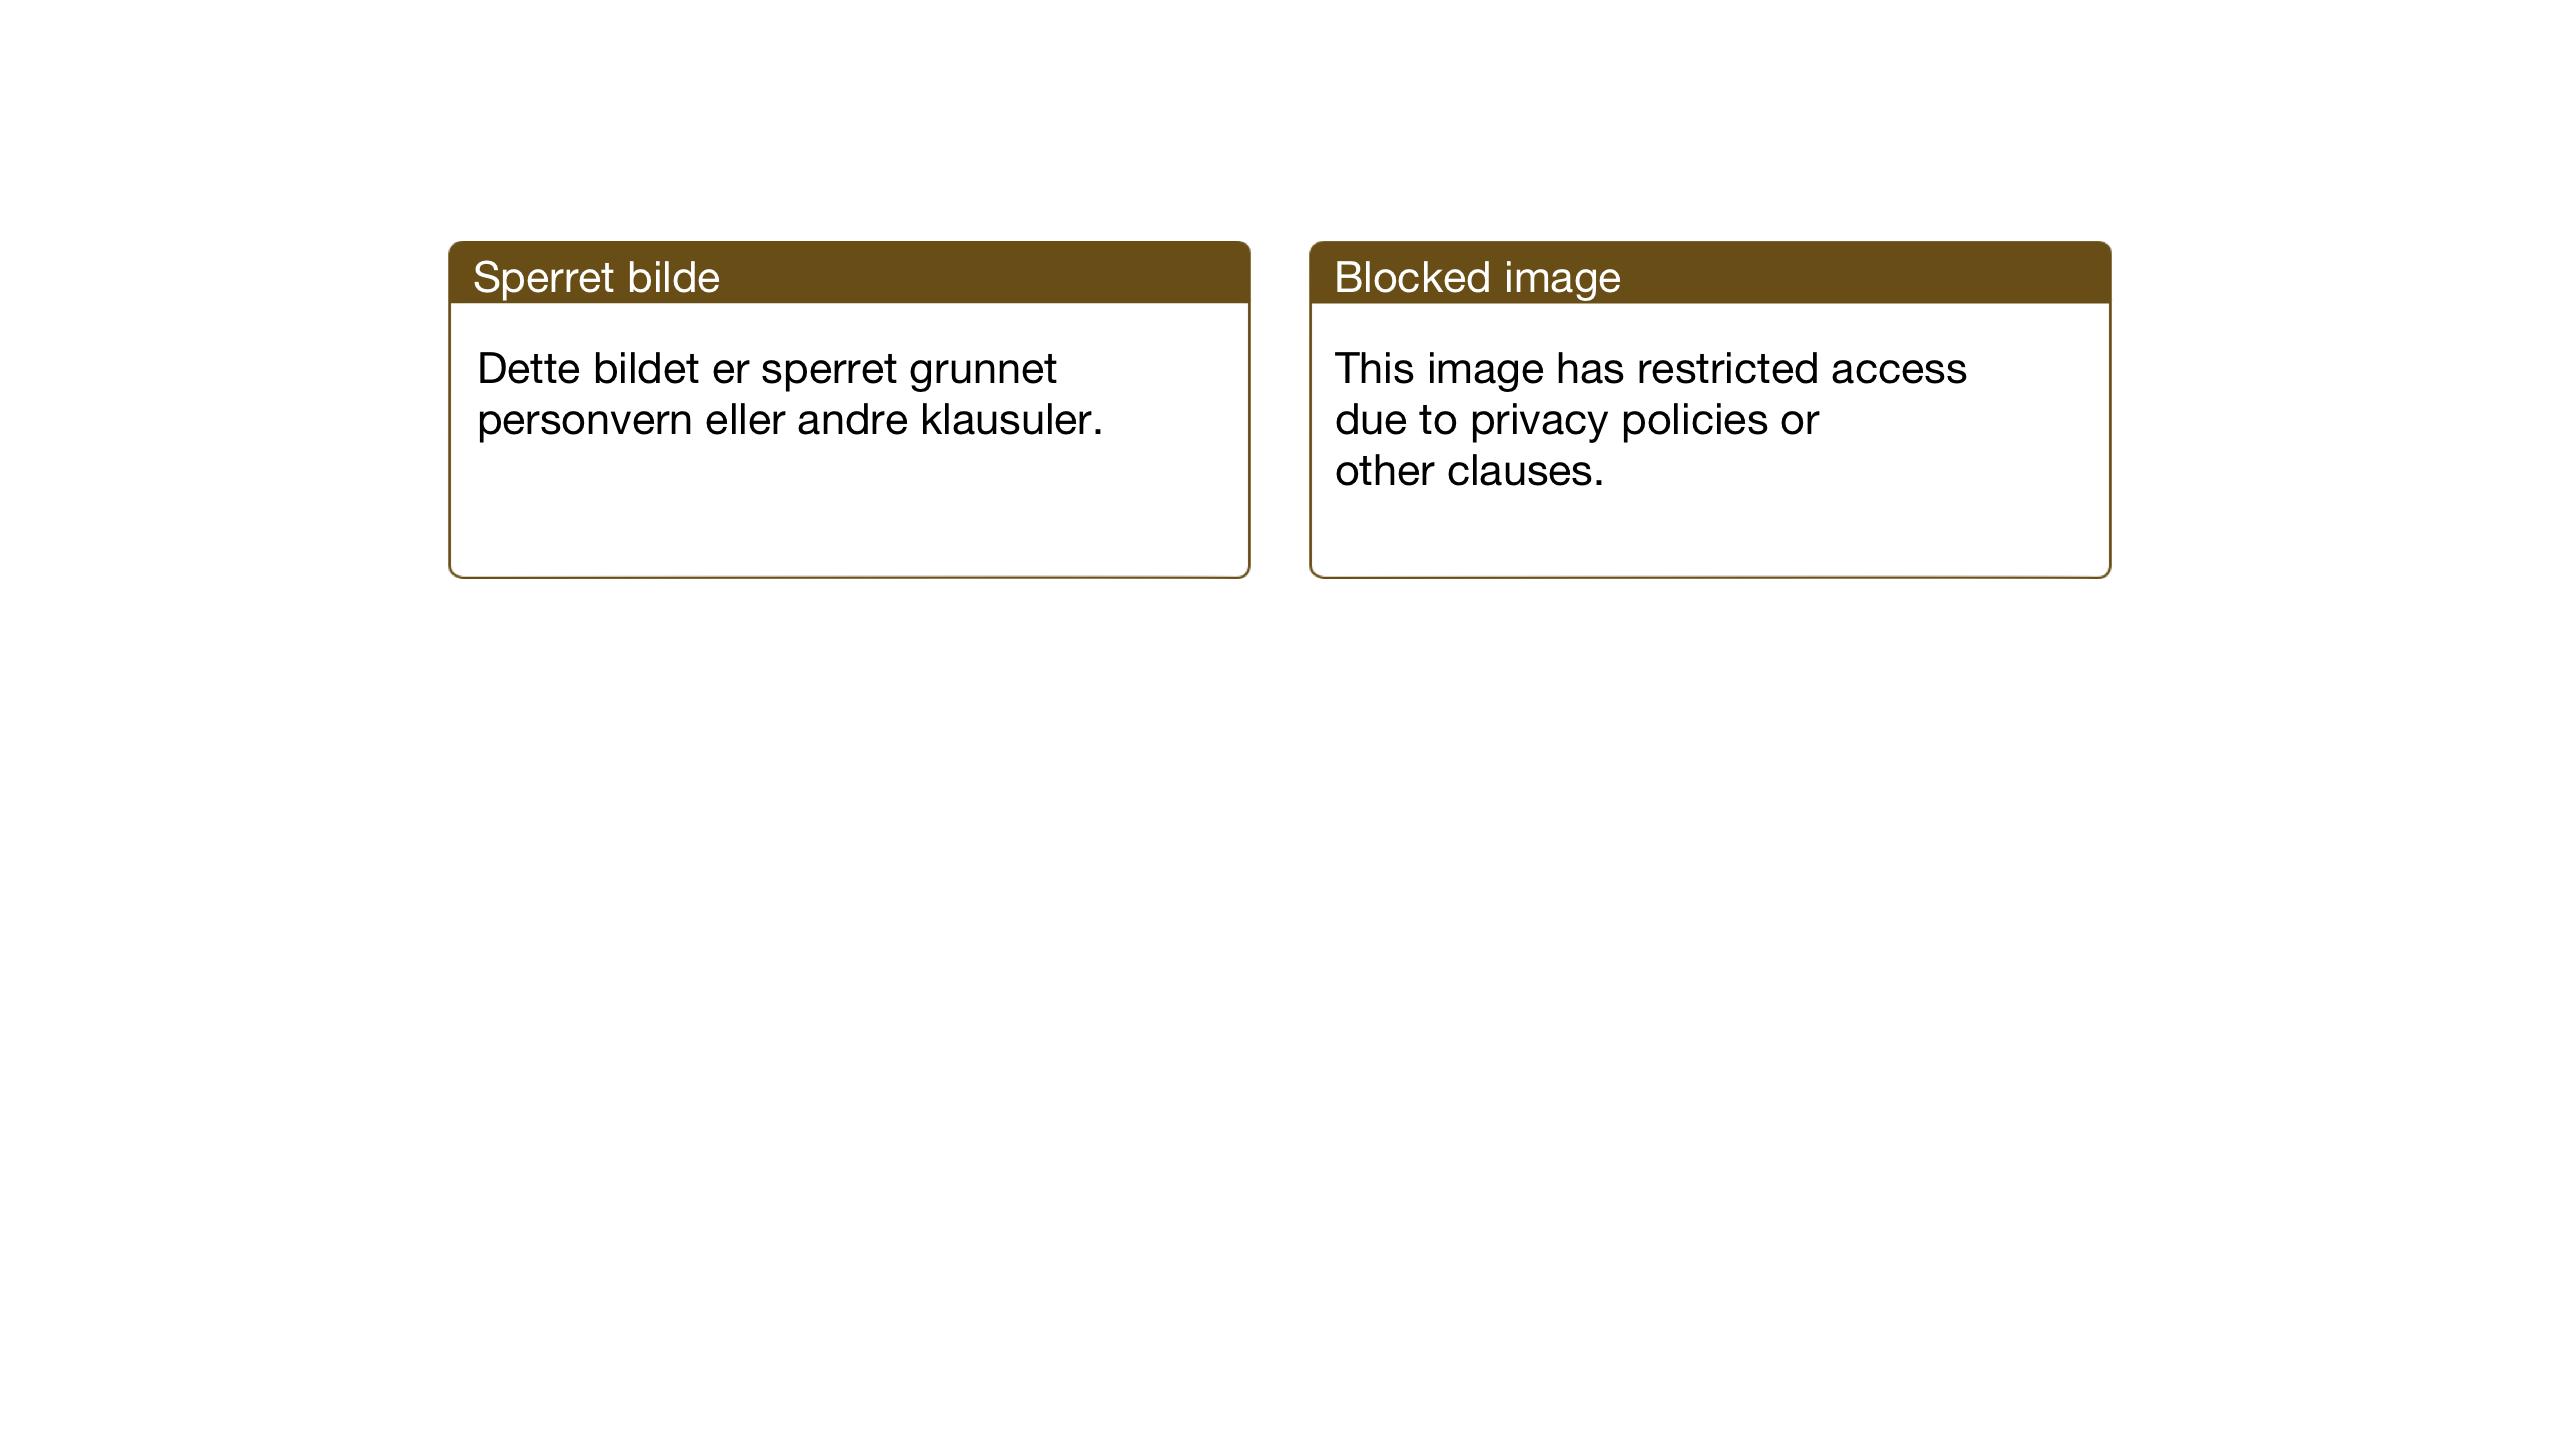 SAT, Ministerialprotokoller, klokkerbøker og fødselsregistre - Sør-Trøndelag, 670/L0837: Klokkerbok nr. 670C01, 1905-1946, s. 182-183